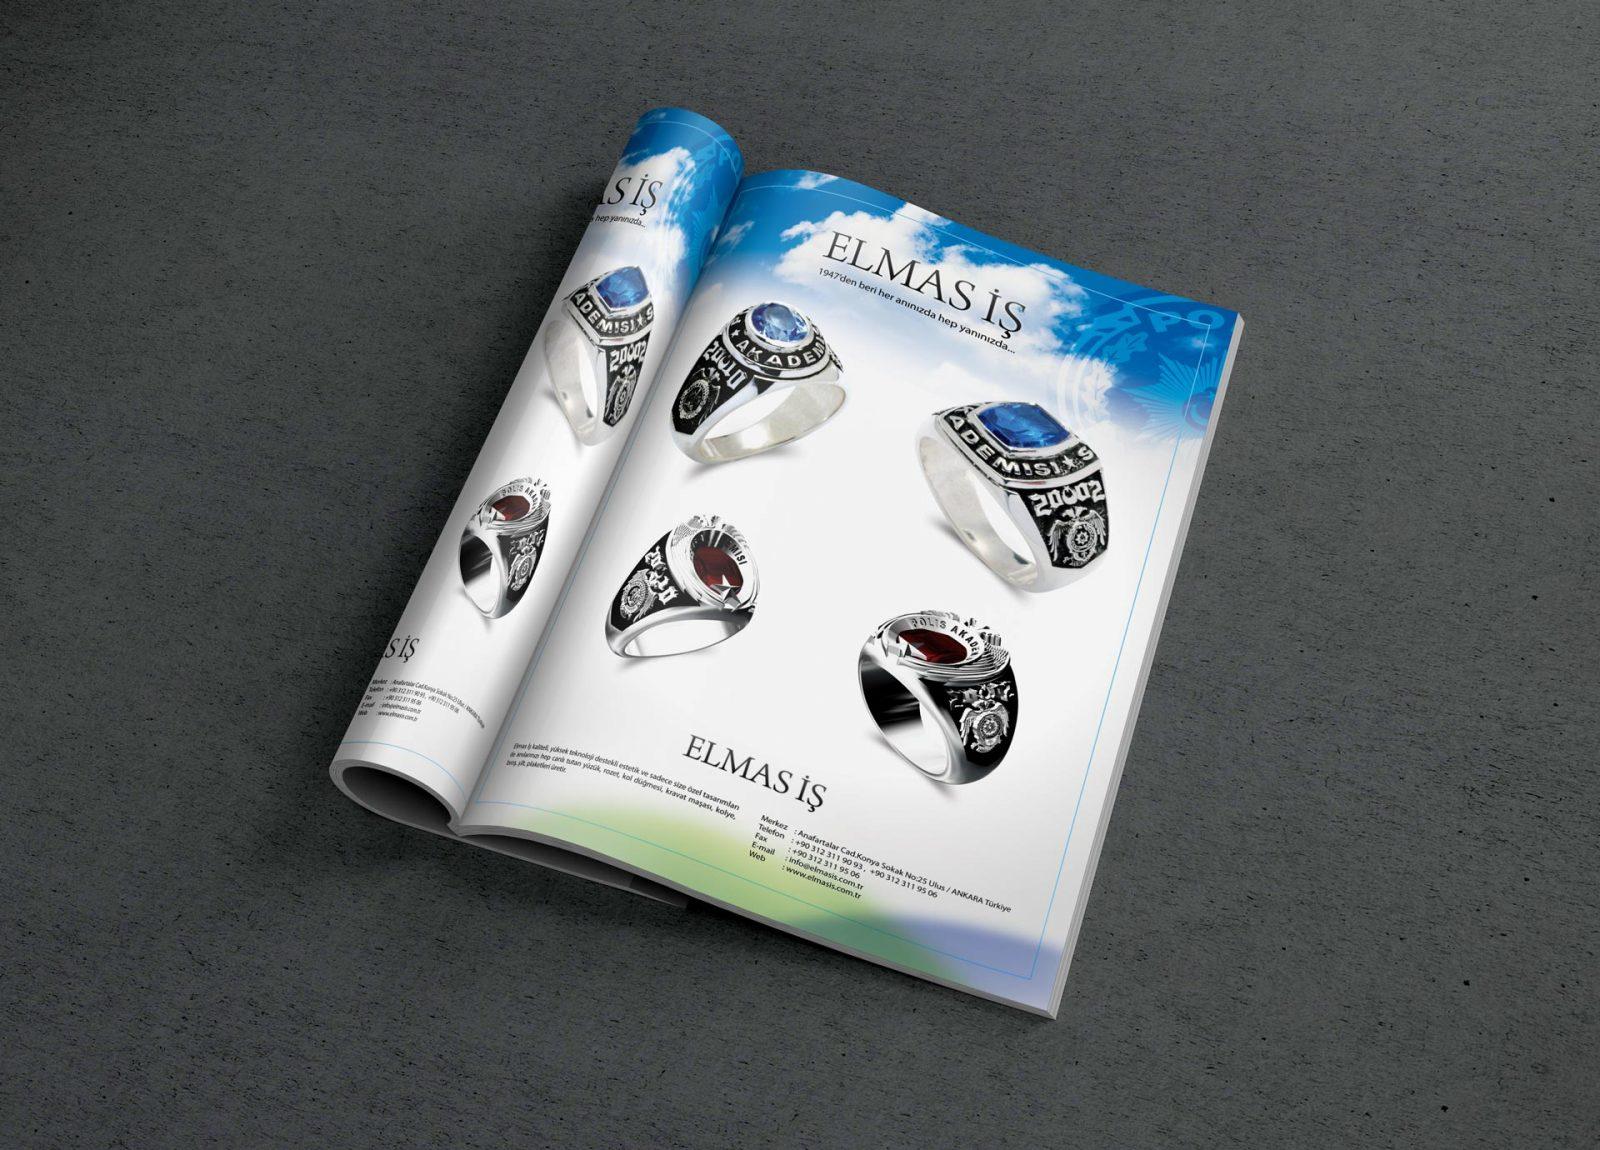 elmasis dergi reklam sayfası tasarımı 1